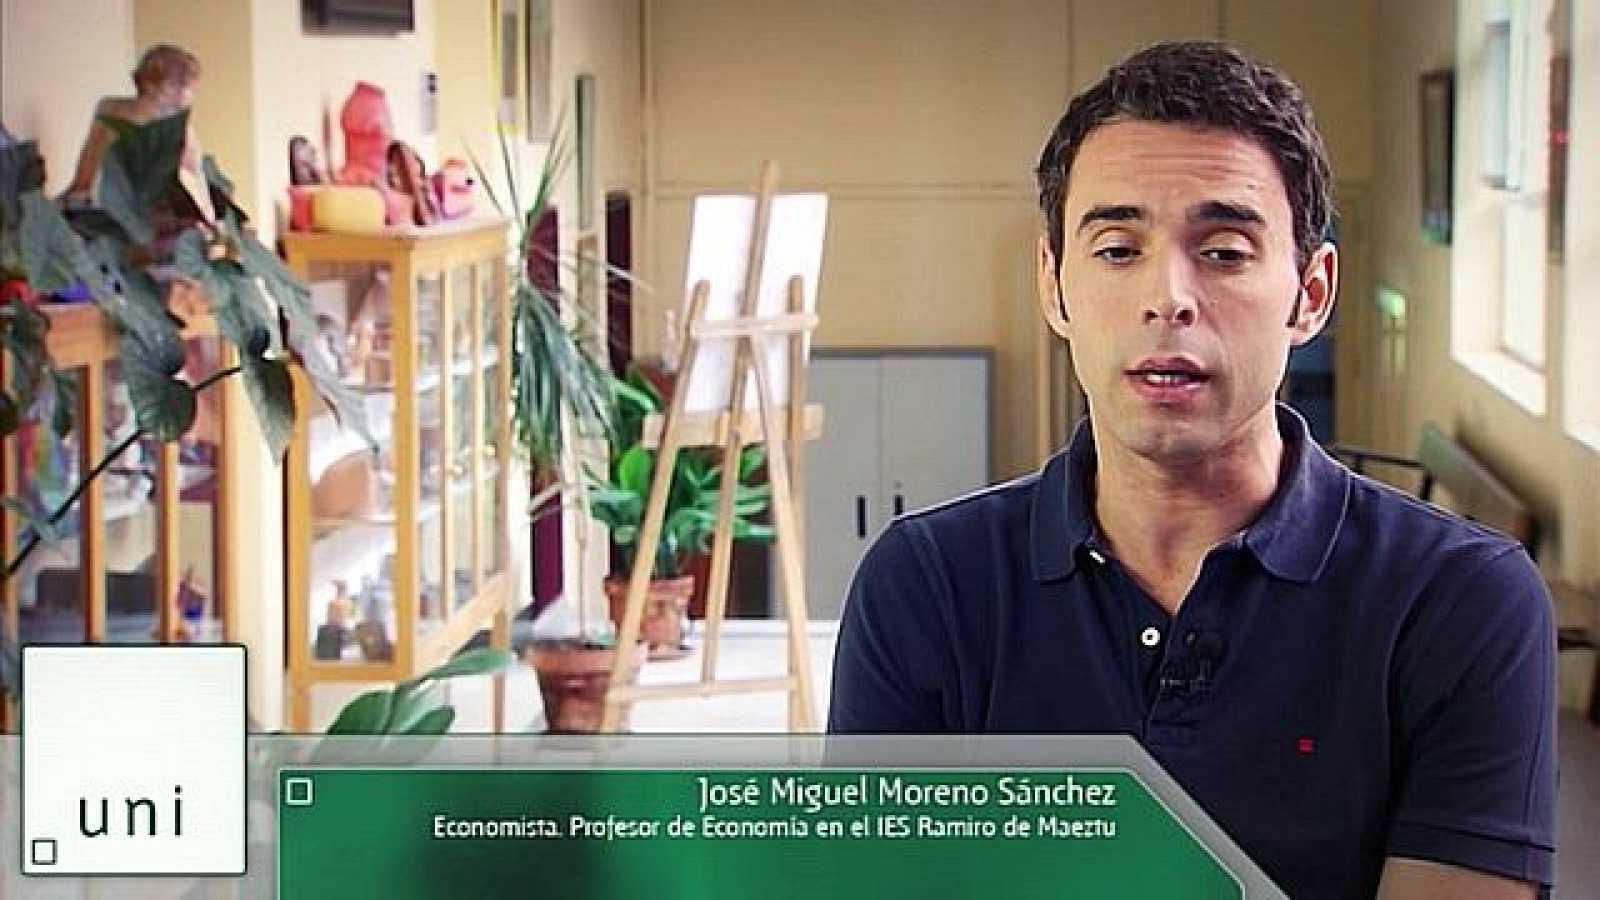 Economistas en primera persona. José Miguel Moreno Sánchez